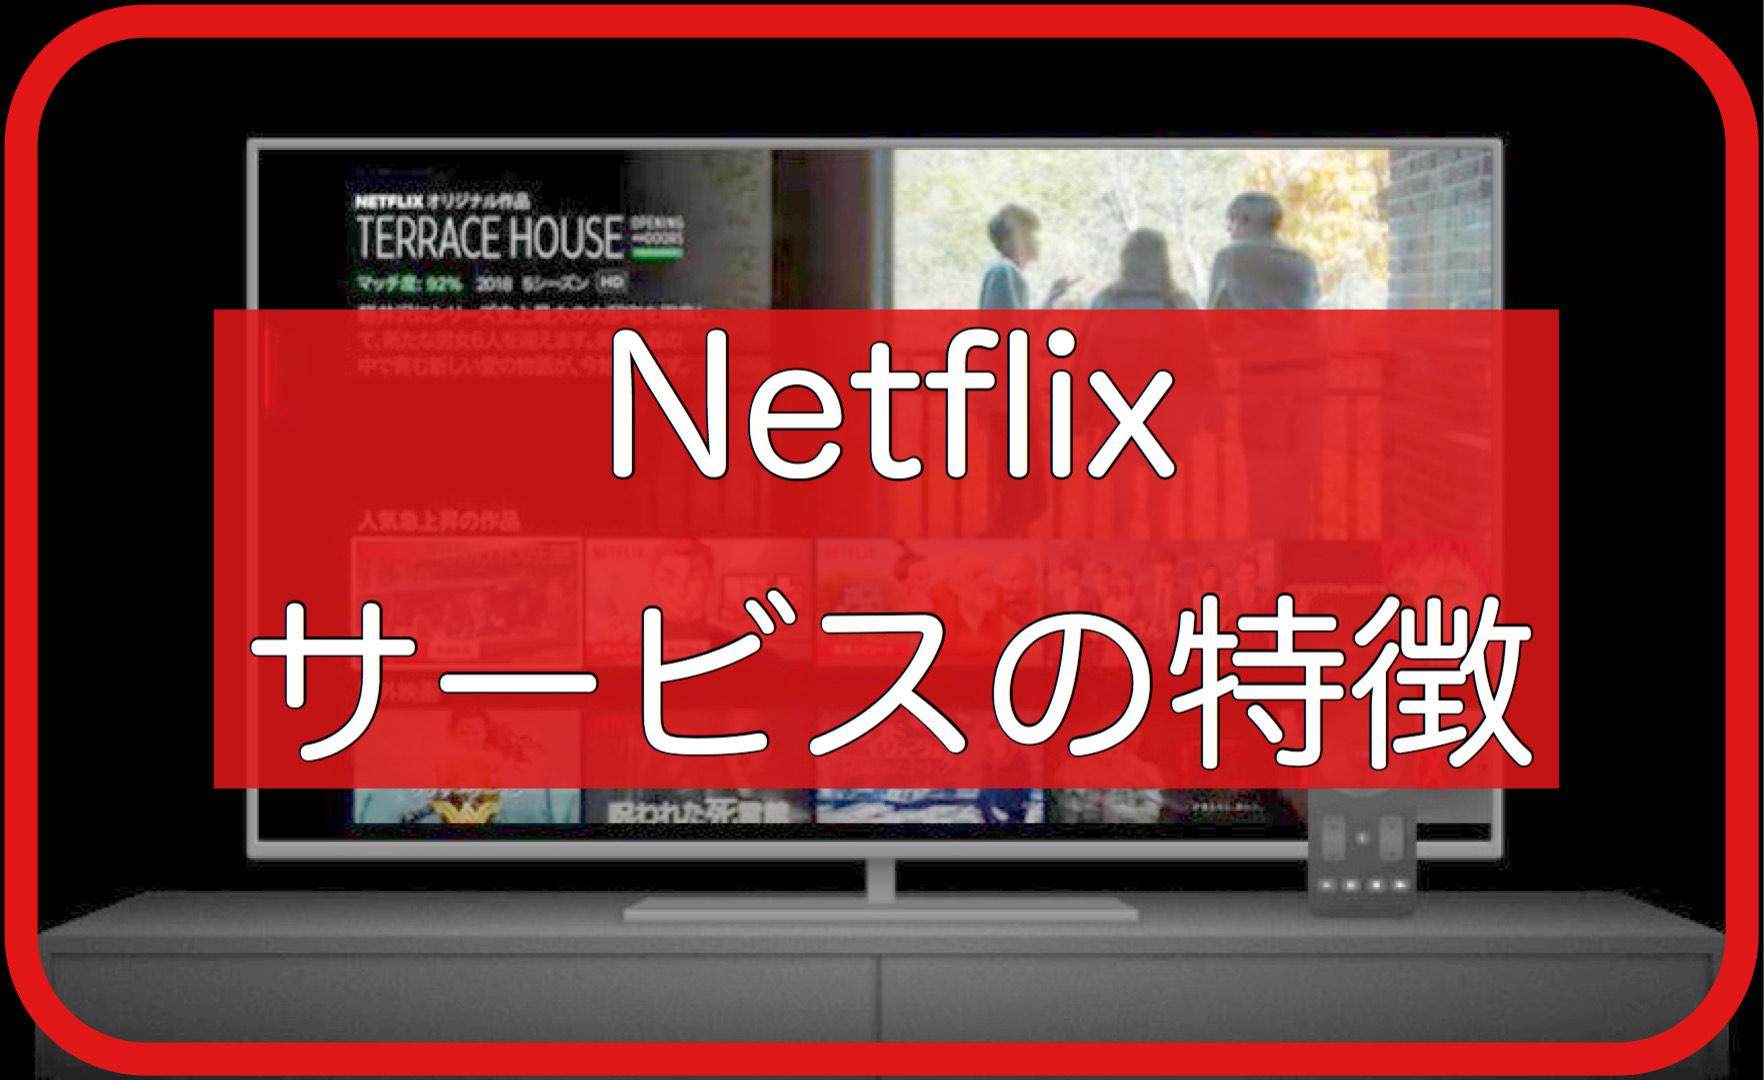 Netflix サービスの特徴